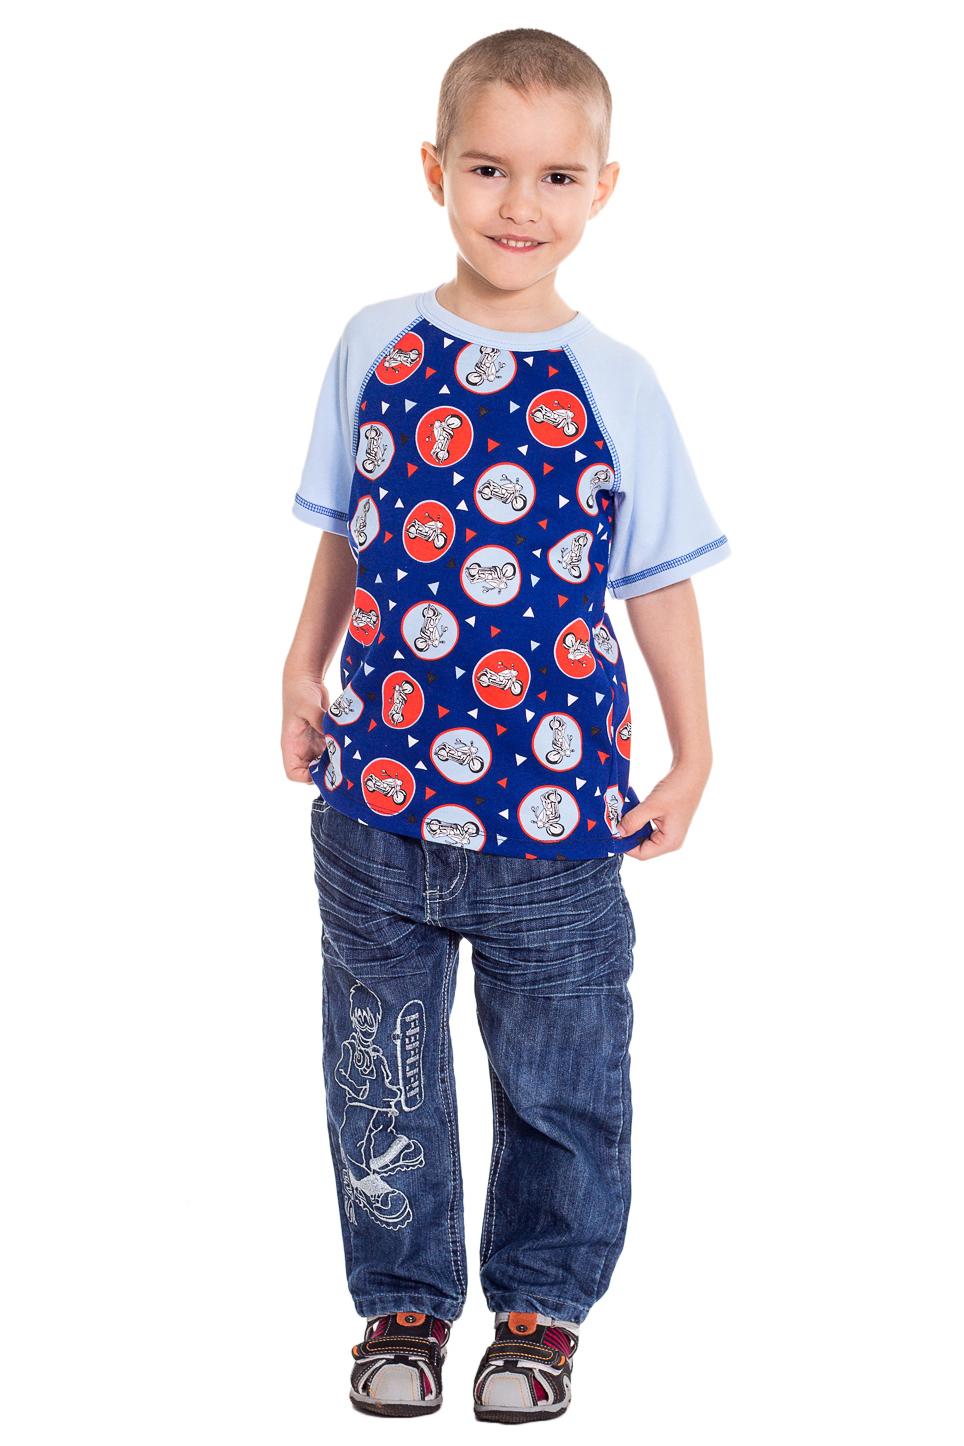 ФутболкаФутболки<br>Хлопковая футболка для мальчика.   Цвет: синий, голубой, красный.  Размер 74 соответствует росту 70-73 см Размер 80 соответствует росту 74-80 см Размер 86 соответствует росту 81-86 см Размер 92 соответствует росту 87-92 см Размер 98 соответствует росту 93-98 см Размер 104 соответствует росту 98-104 см Размер 110 соответствует росту 105-110 см Размер 116 соответствует росту 111-116 см Размер 122 соответствует росту 117-122 см Размер 128 соответствует росту 123-128 см Размер 134 соответствует росту 129-134 см Размер 140 соответствует росту 135-140 см Размер 146 соответствует росту 141-146 см Размер 152 соответствует росту 147-152 см Размер 158 соответствует росту 153-158 см Размер 164 соответствует росту 159-164 см<br><br>Горловина: С- горловина<br>По образу: Спорт<br>По рисунку: С принтом (печатью),Цветные<br>По сезону: Весна,Зима,Лето,Осень,Всесезон<br>По стилю: Спортивные<br>По возрасту: Дошкольные ( от 3 до 7 лет),Ясельные ( от 1 до 3 лет)<br>Размер : 104,110,122,92<br>Материал: Трикотаж<br>Количество в наличии: 9